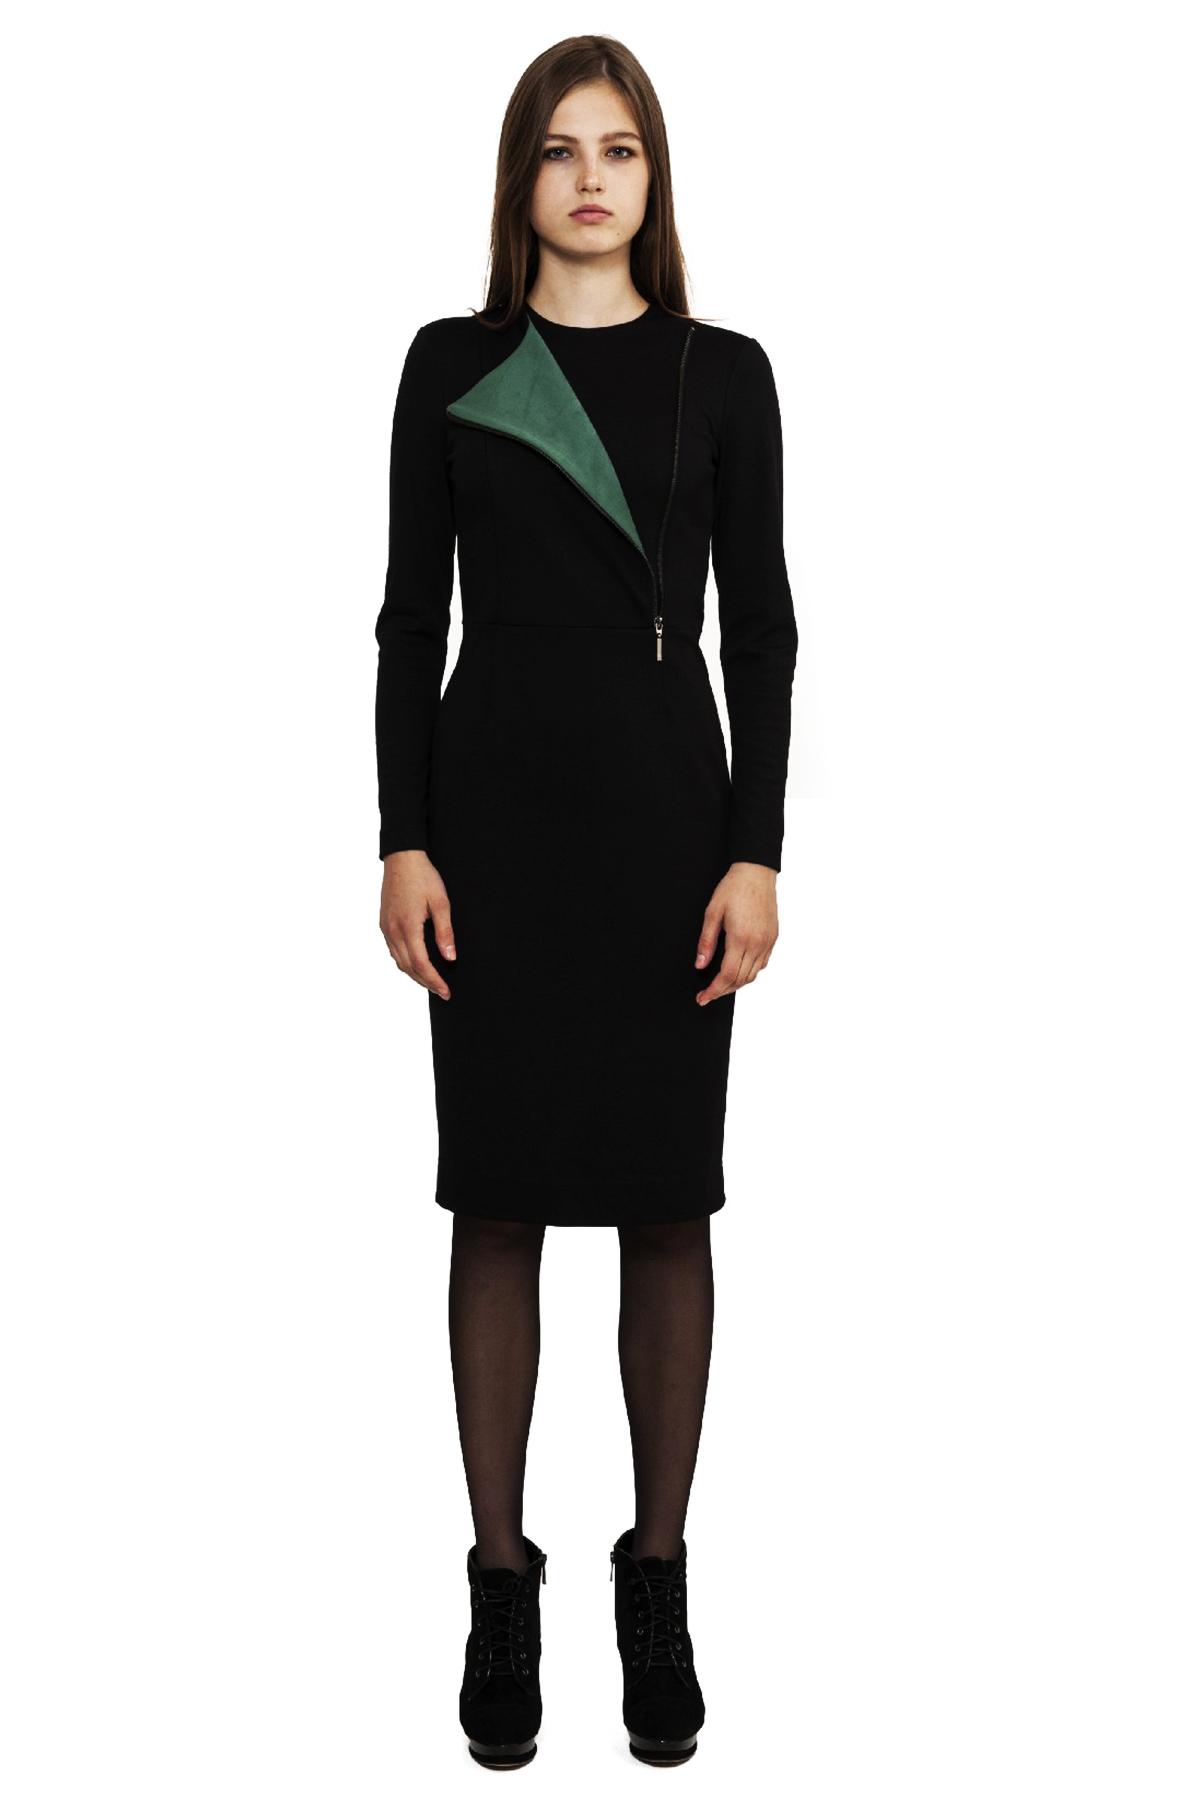 ПлатьеПлатья,  сарафаны<br>Замечательное платье, выполненное из приятного материала. Модель подчеркнет Ваш изысканный вкус и стиль. Отличный вариант на каждый день.<br><br>Цвет: черный,зеленый<br>Состав: 60% вискоза, 35% полиэстер, 5% лайкра<br>Размер: 40,42,44,46,48,52,54,56,58,60<br>Страна дизайна: Россия<br>Страна производства: Россия